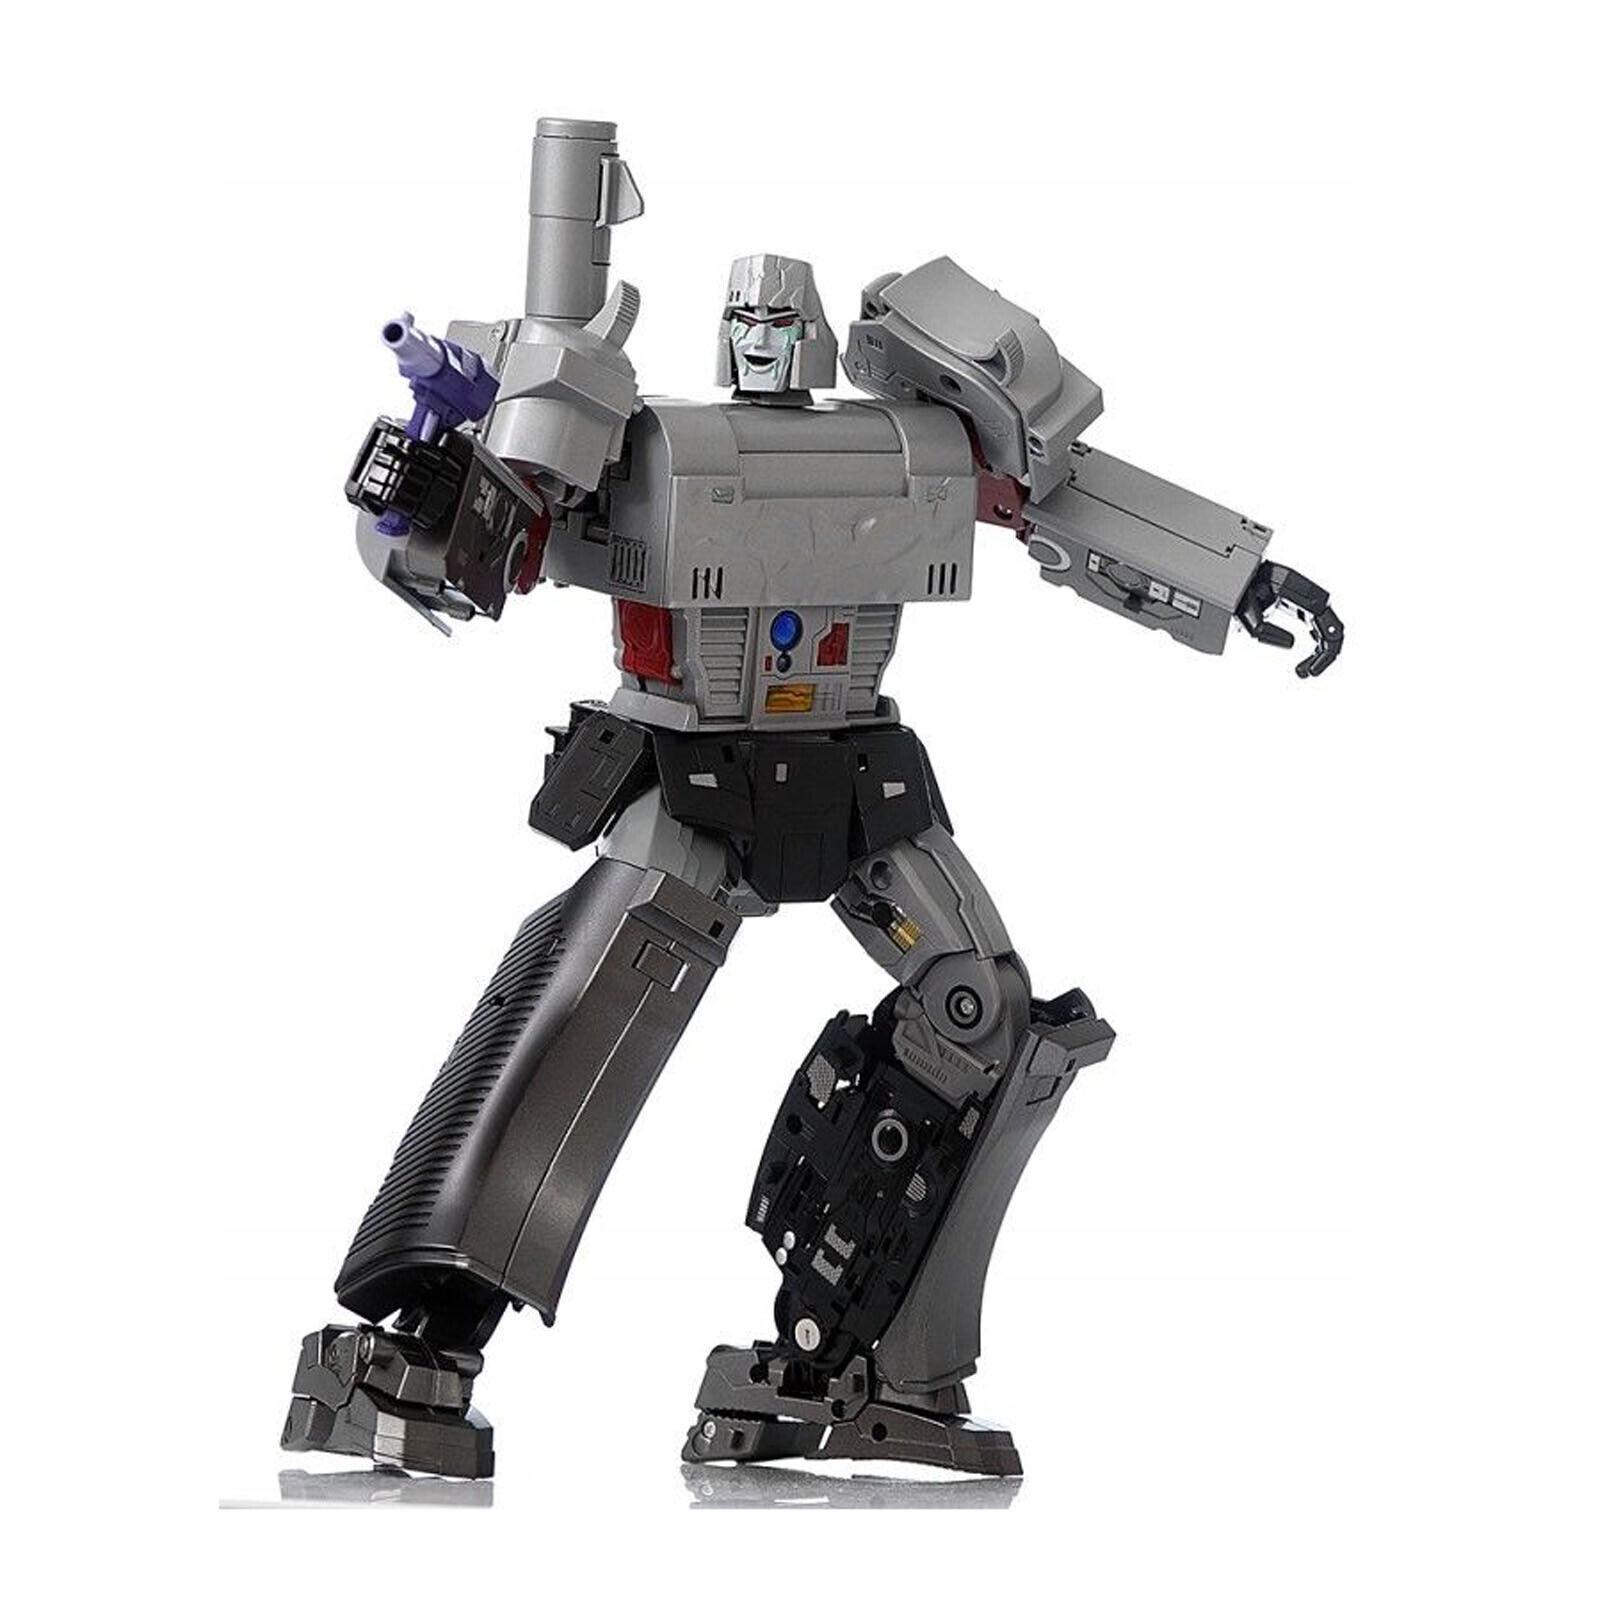 tienda en linea Transformers WJ WJ WJ WEIJIANG NE-01 obra maestra Colección Nuevo Megamaster robot fuerza  tienda de venta en línea